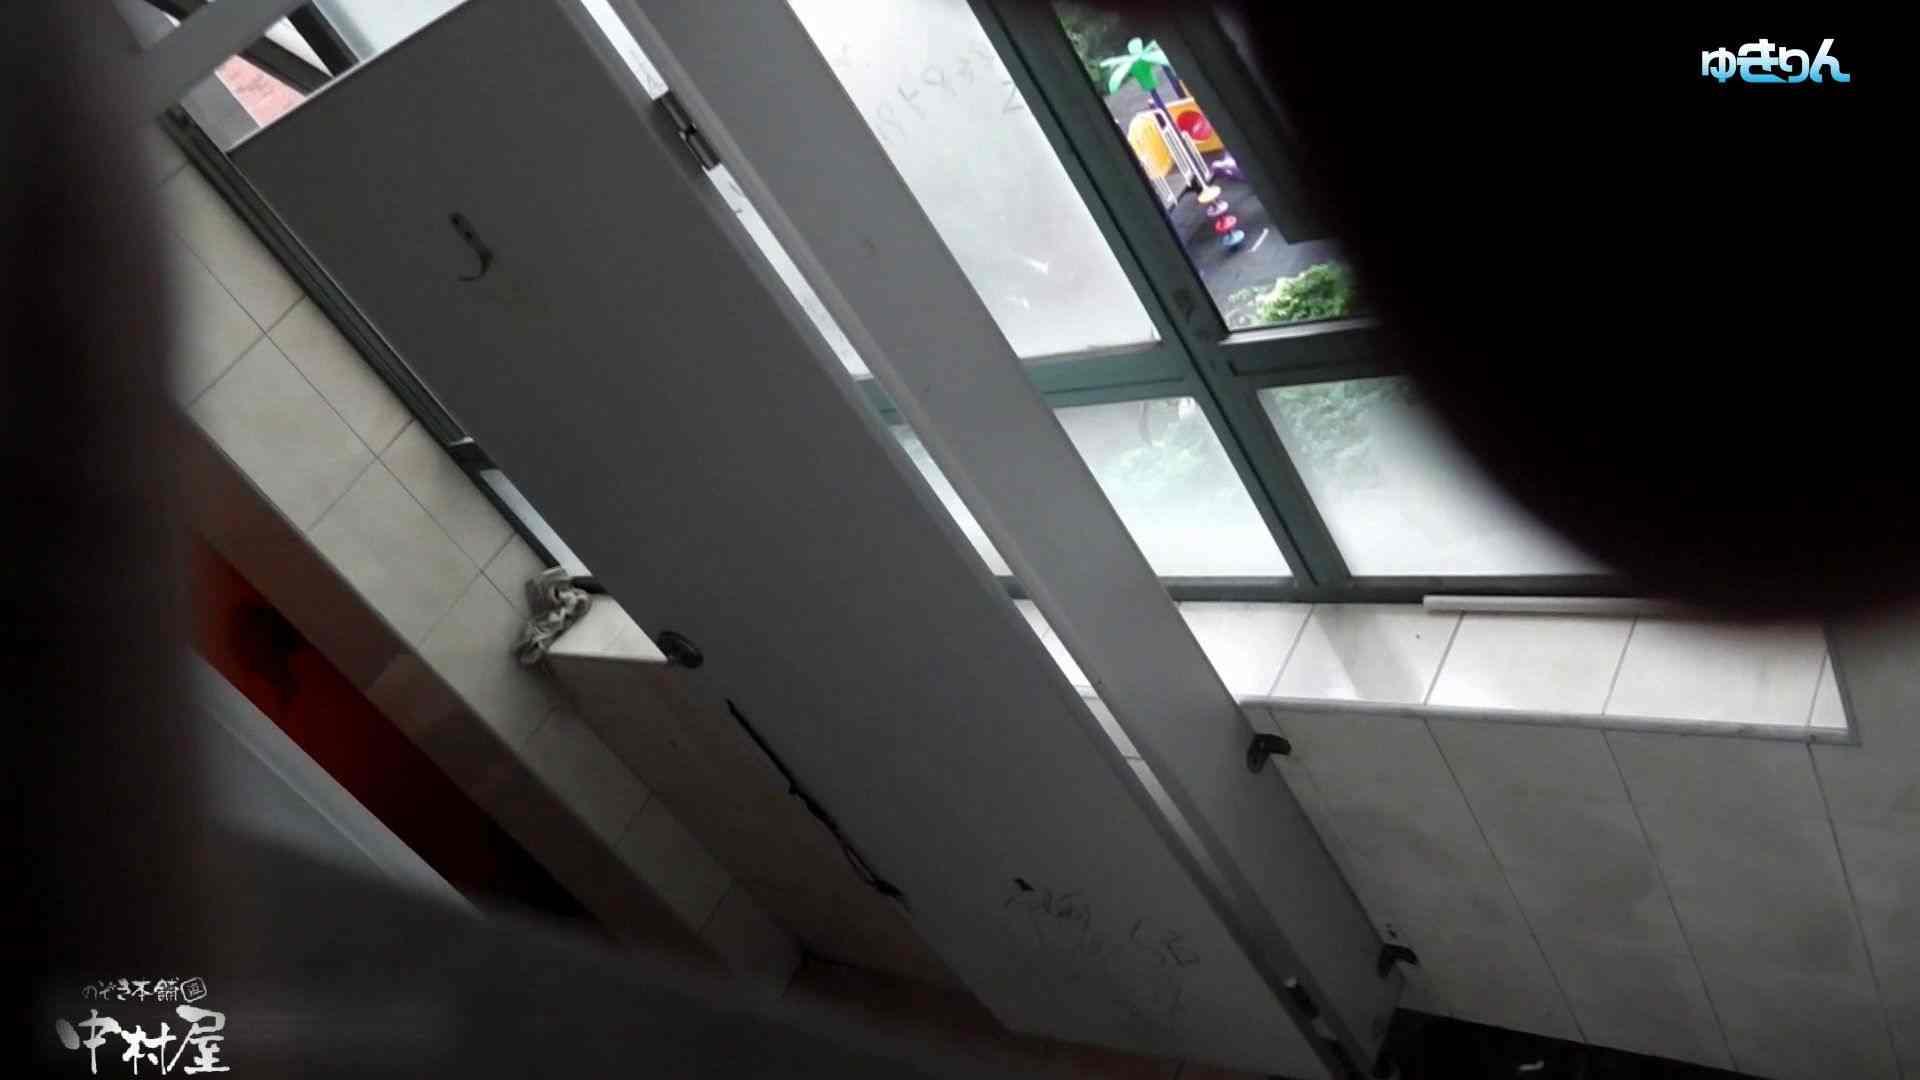 世界の射窓から~ステーション編 vol60 ユキリン粘着撮り!!今回はタイトなパンツが似合う美女 美女まとめ   0  113PIX 11